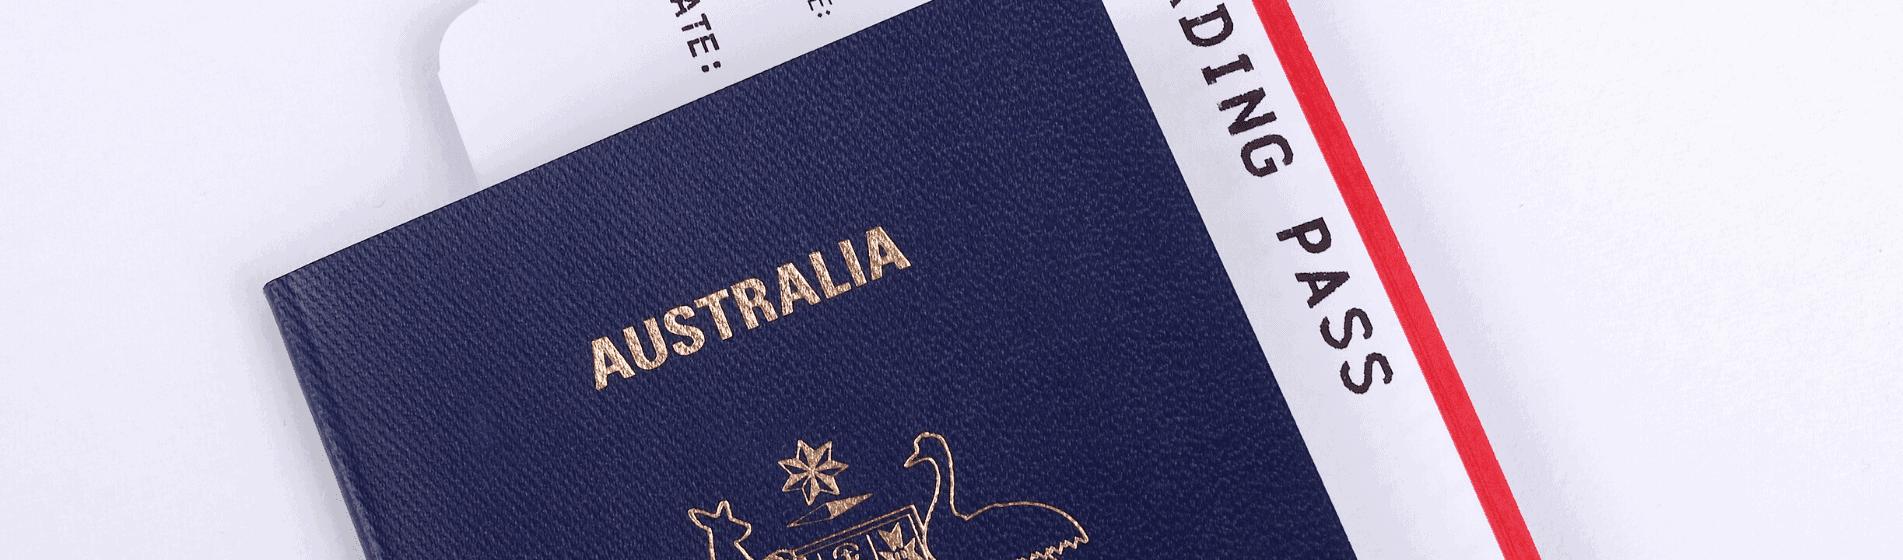 Australian Citizenship Time Frame 2018 | Webframes.org